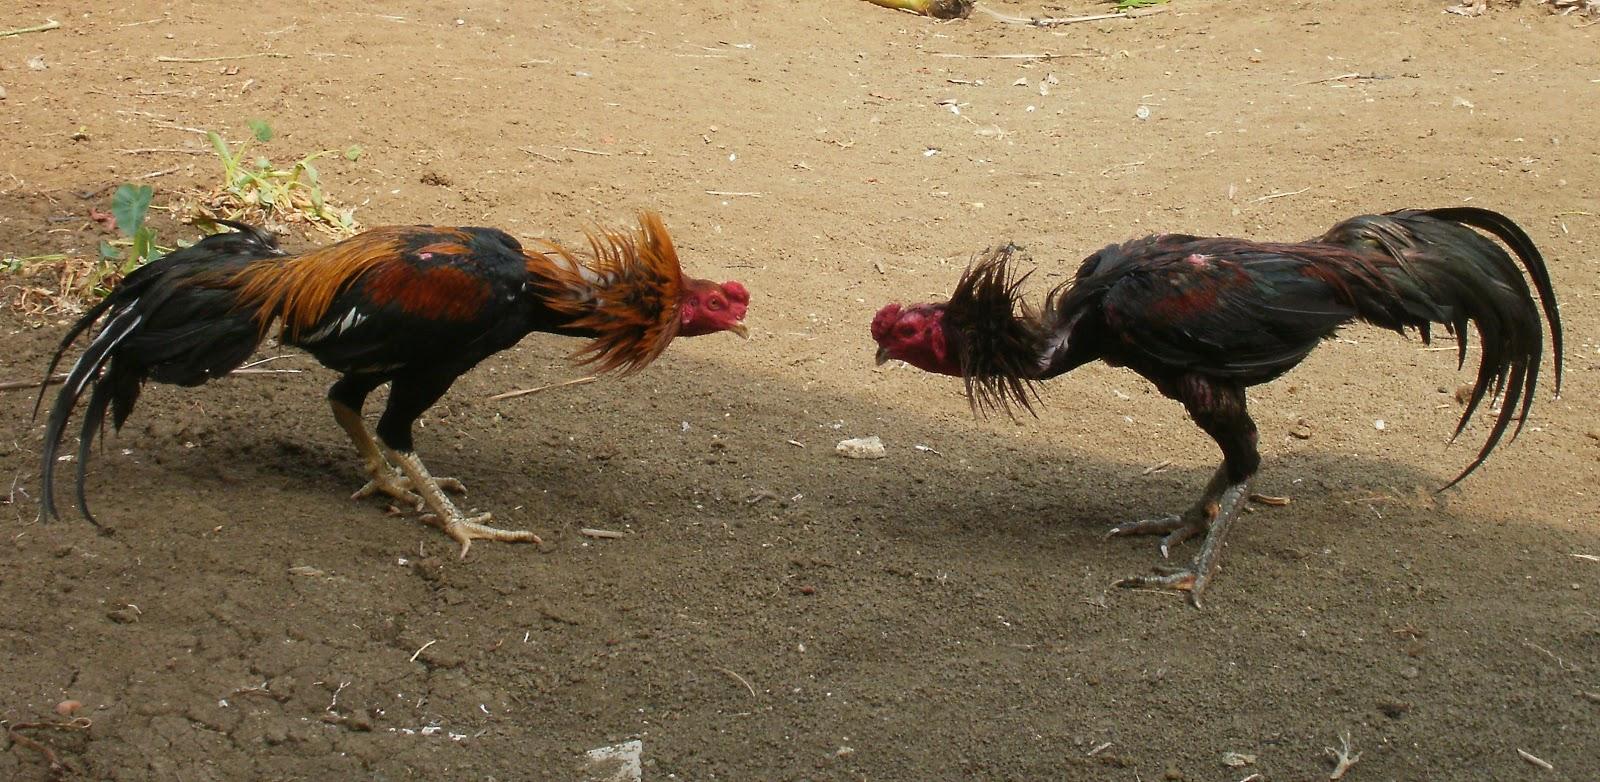 Ayam Bangkok Sorğusuna Uyğun şekilleri Pulsuz Yükle Bedava Indir